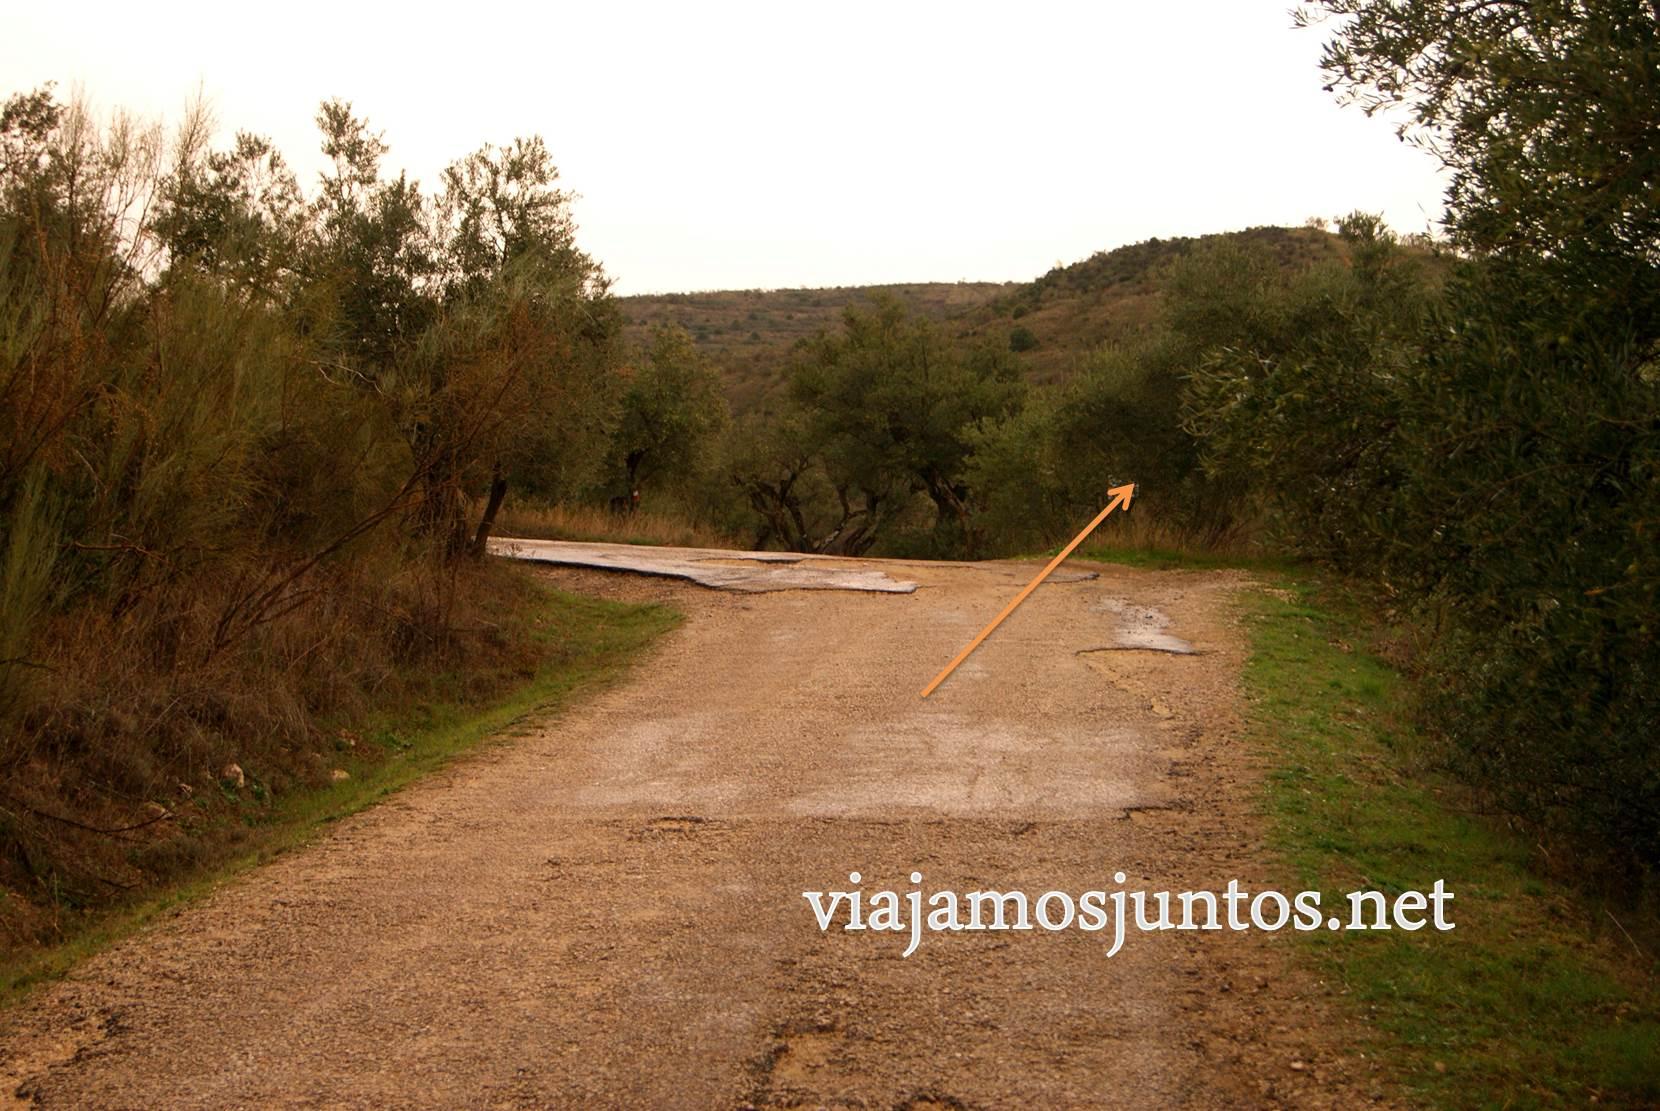 Ruta a las Cárcavas, Patones, Madrid; senderismo por sitios singulares de la Comunidad de Madrid; ruta alternativa